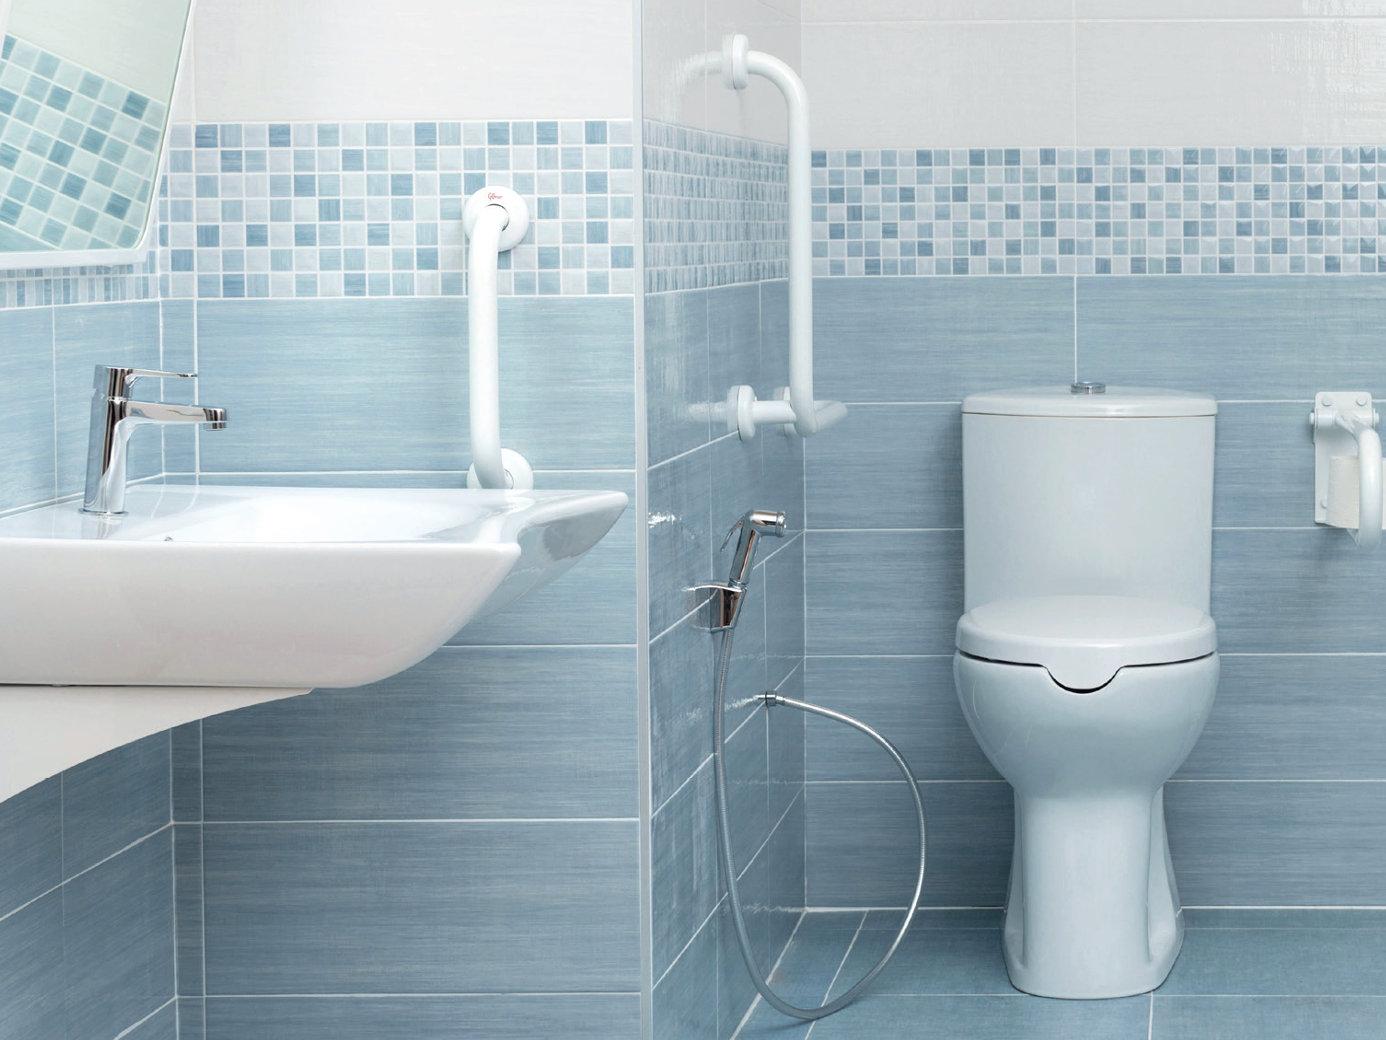 Bagni disabili anziani bagno per disabili - Dimensione bagno ...